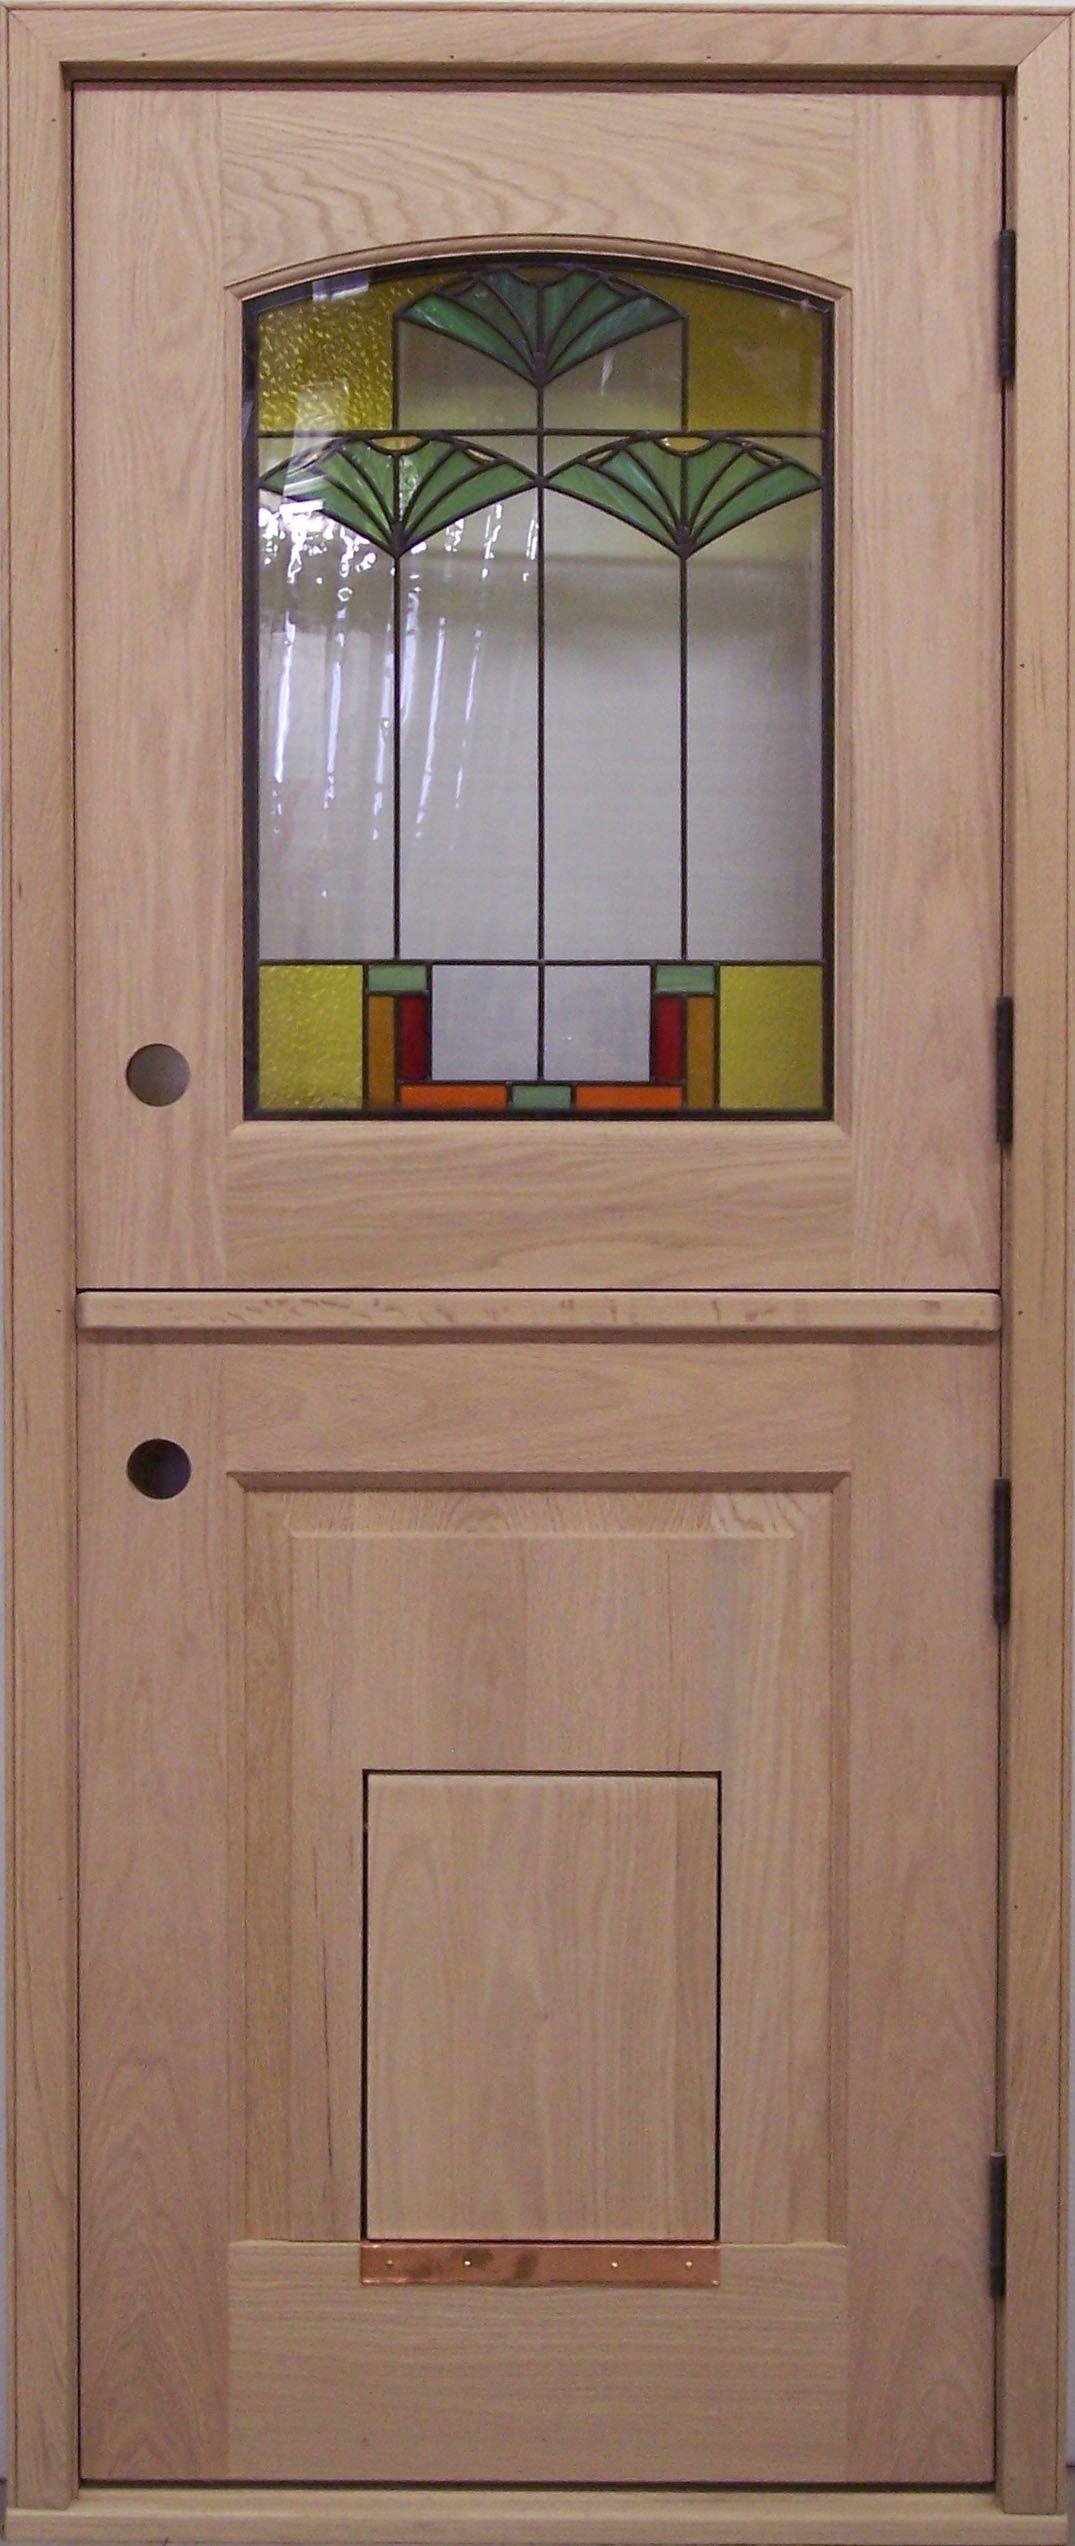 Exterior Dutch Door | DD219 Glass Panel Model with Pet Door | www ...